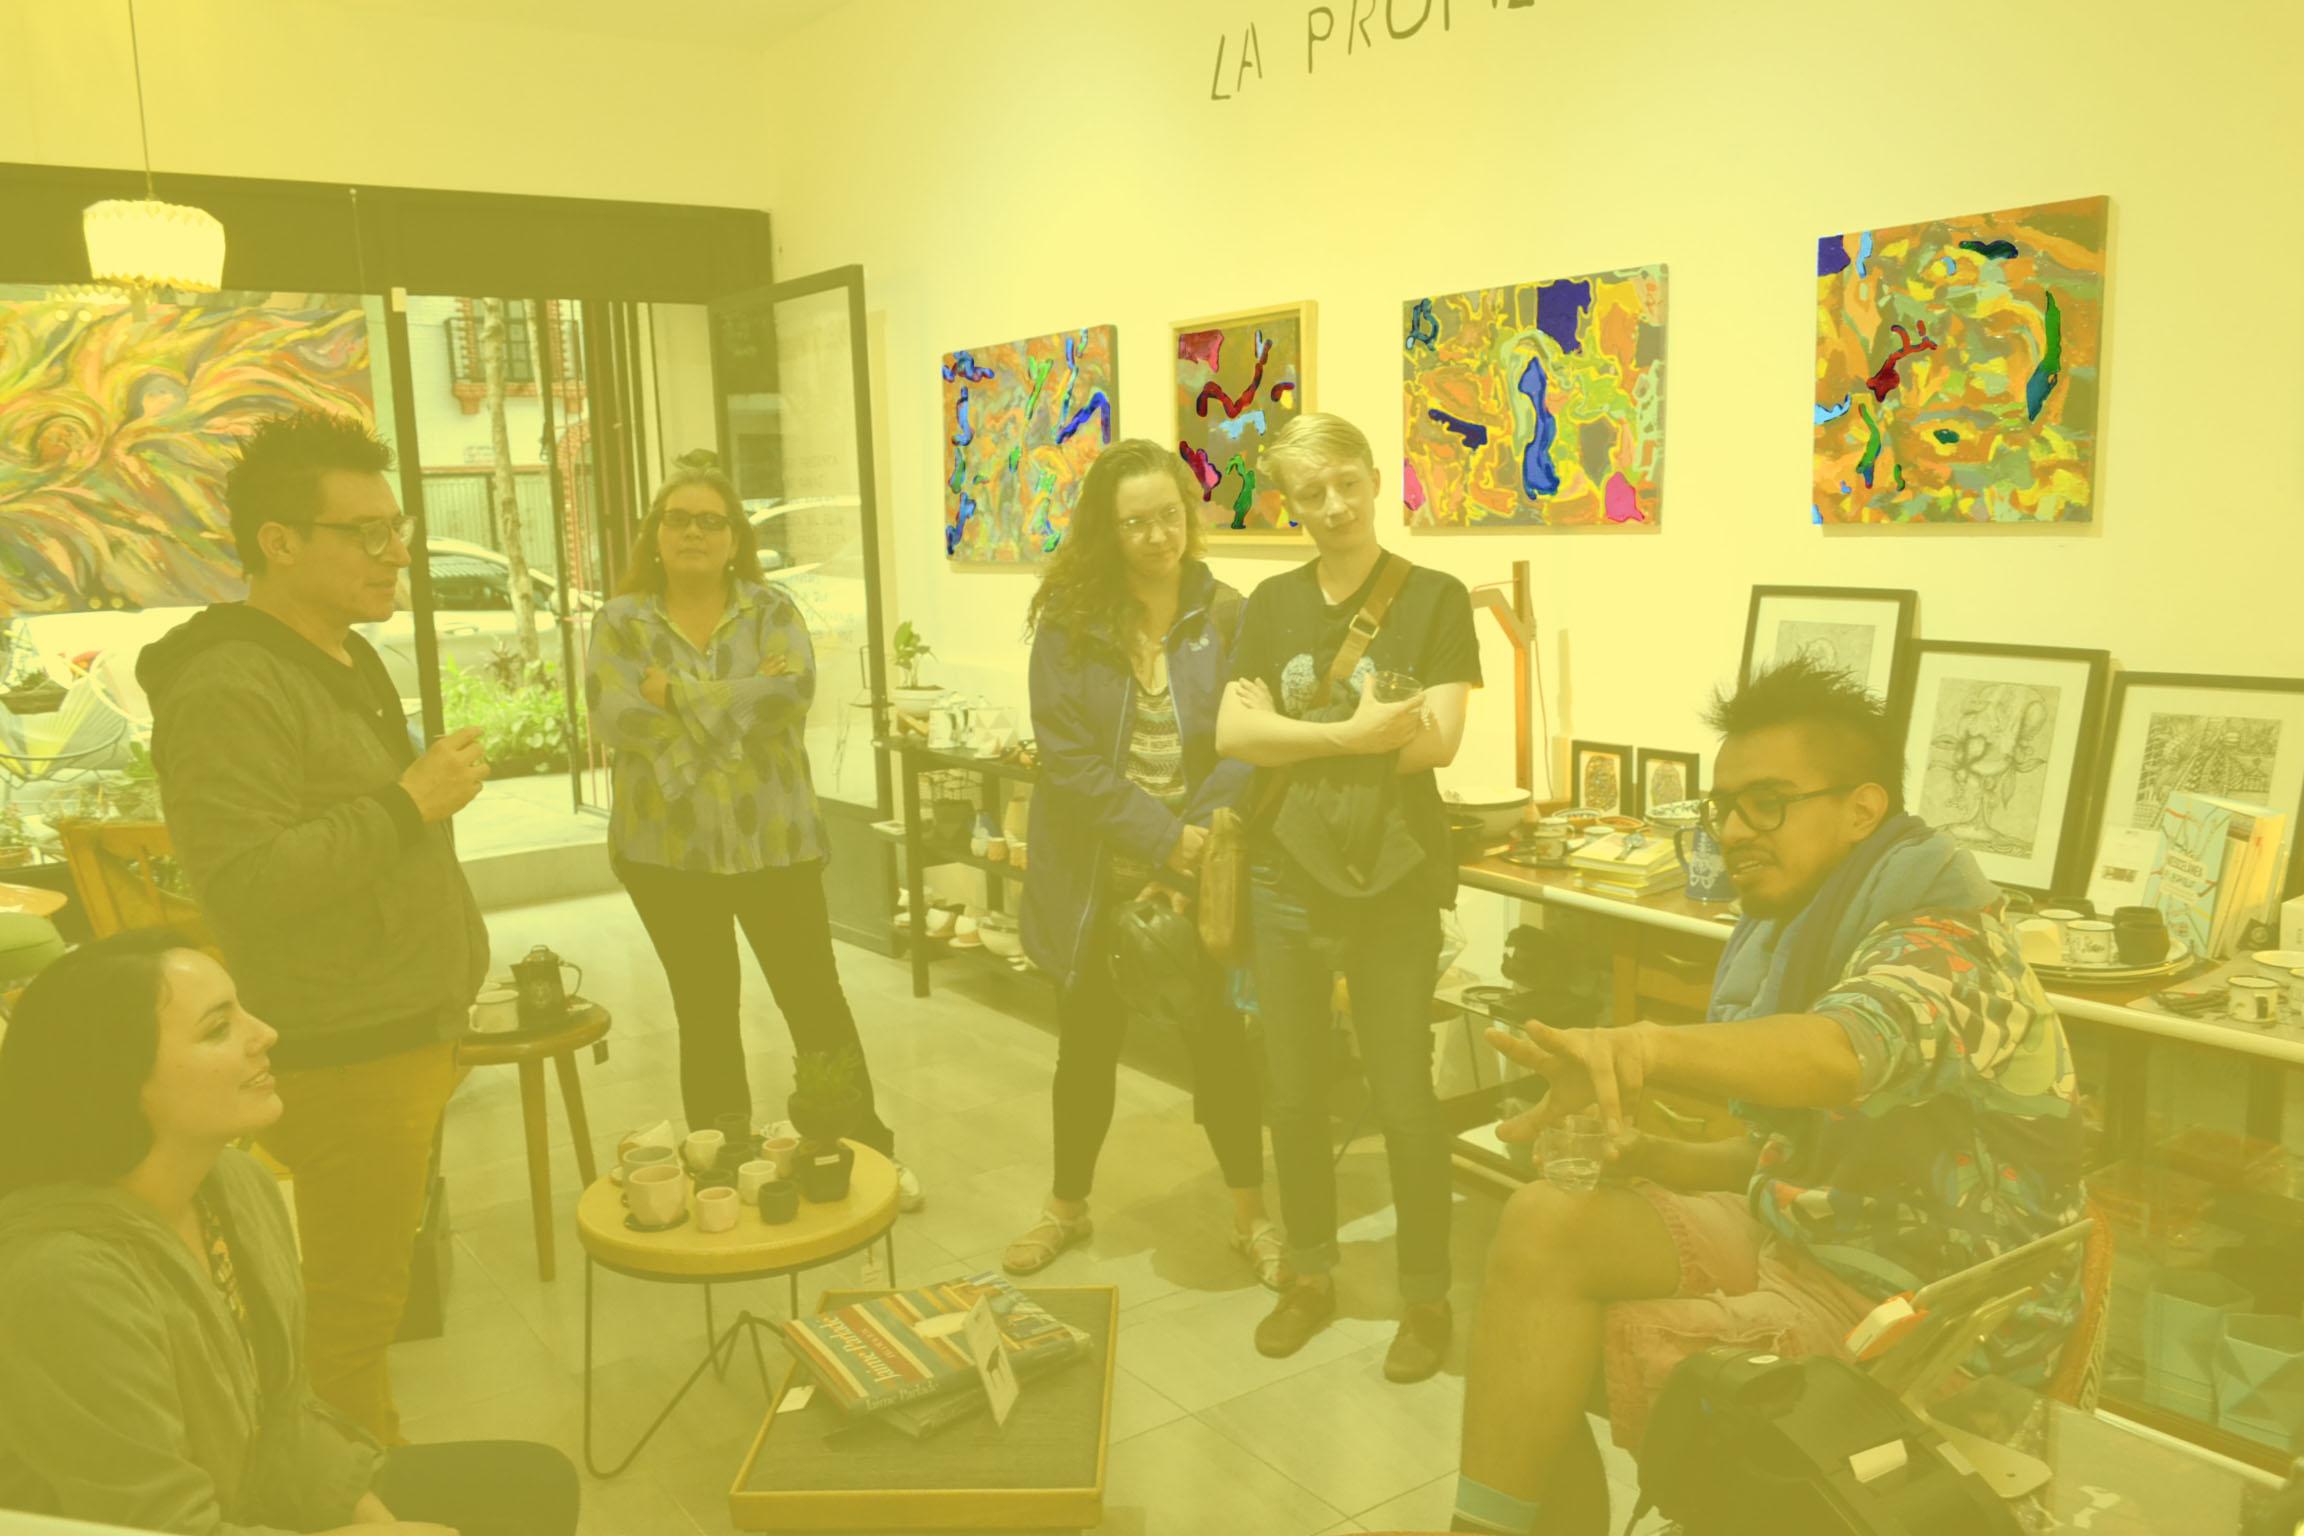 Creatividad & Innovación - En colaboración con Galería arto otra